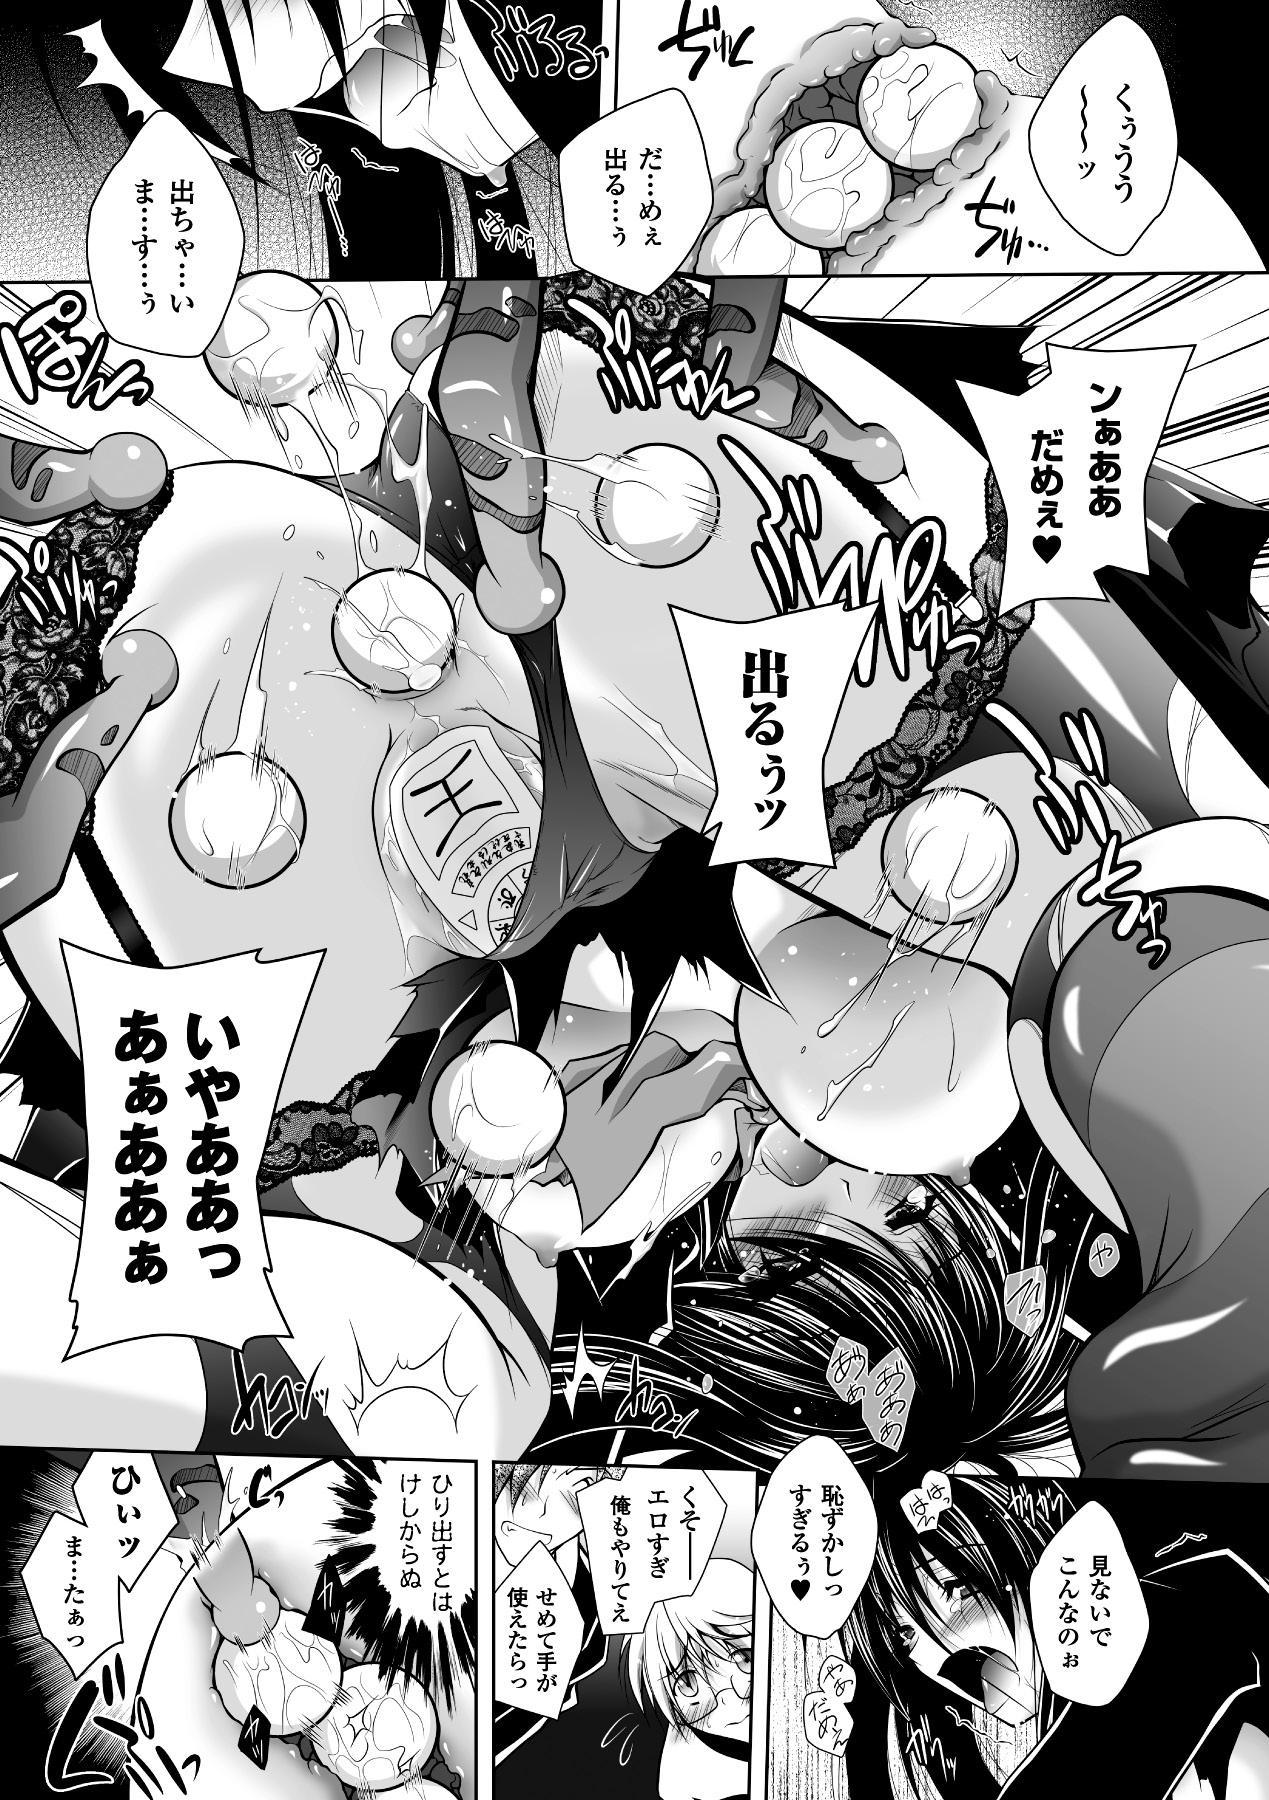 [Parfait] Mesu Inu no Tooboe ~Injyoku Elegy~ - The Howling Of A Bitch [Digital] 144